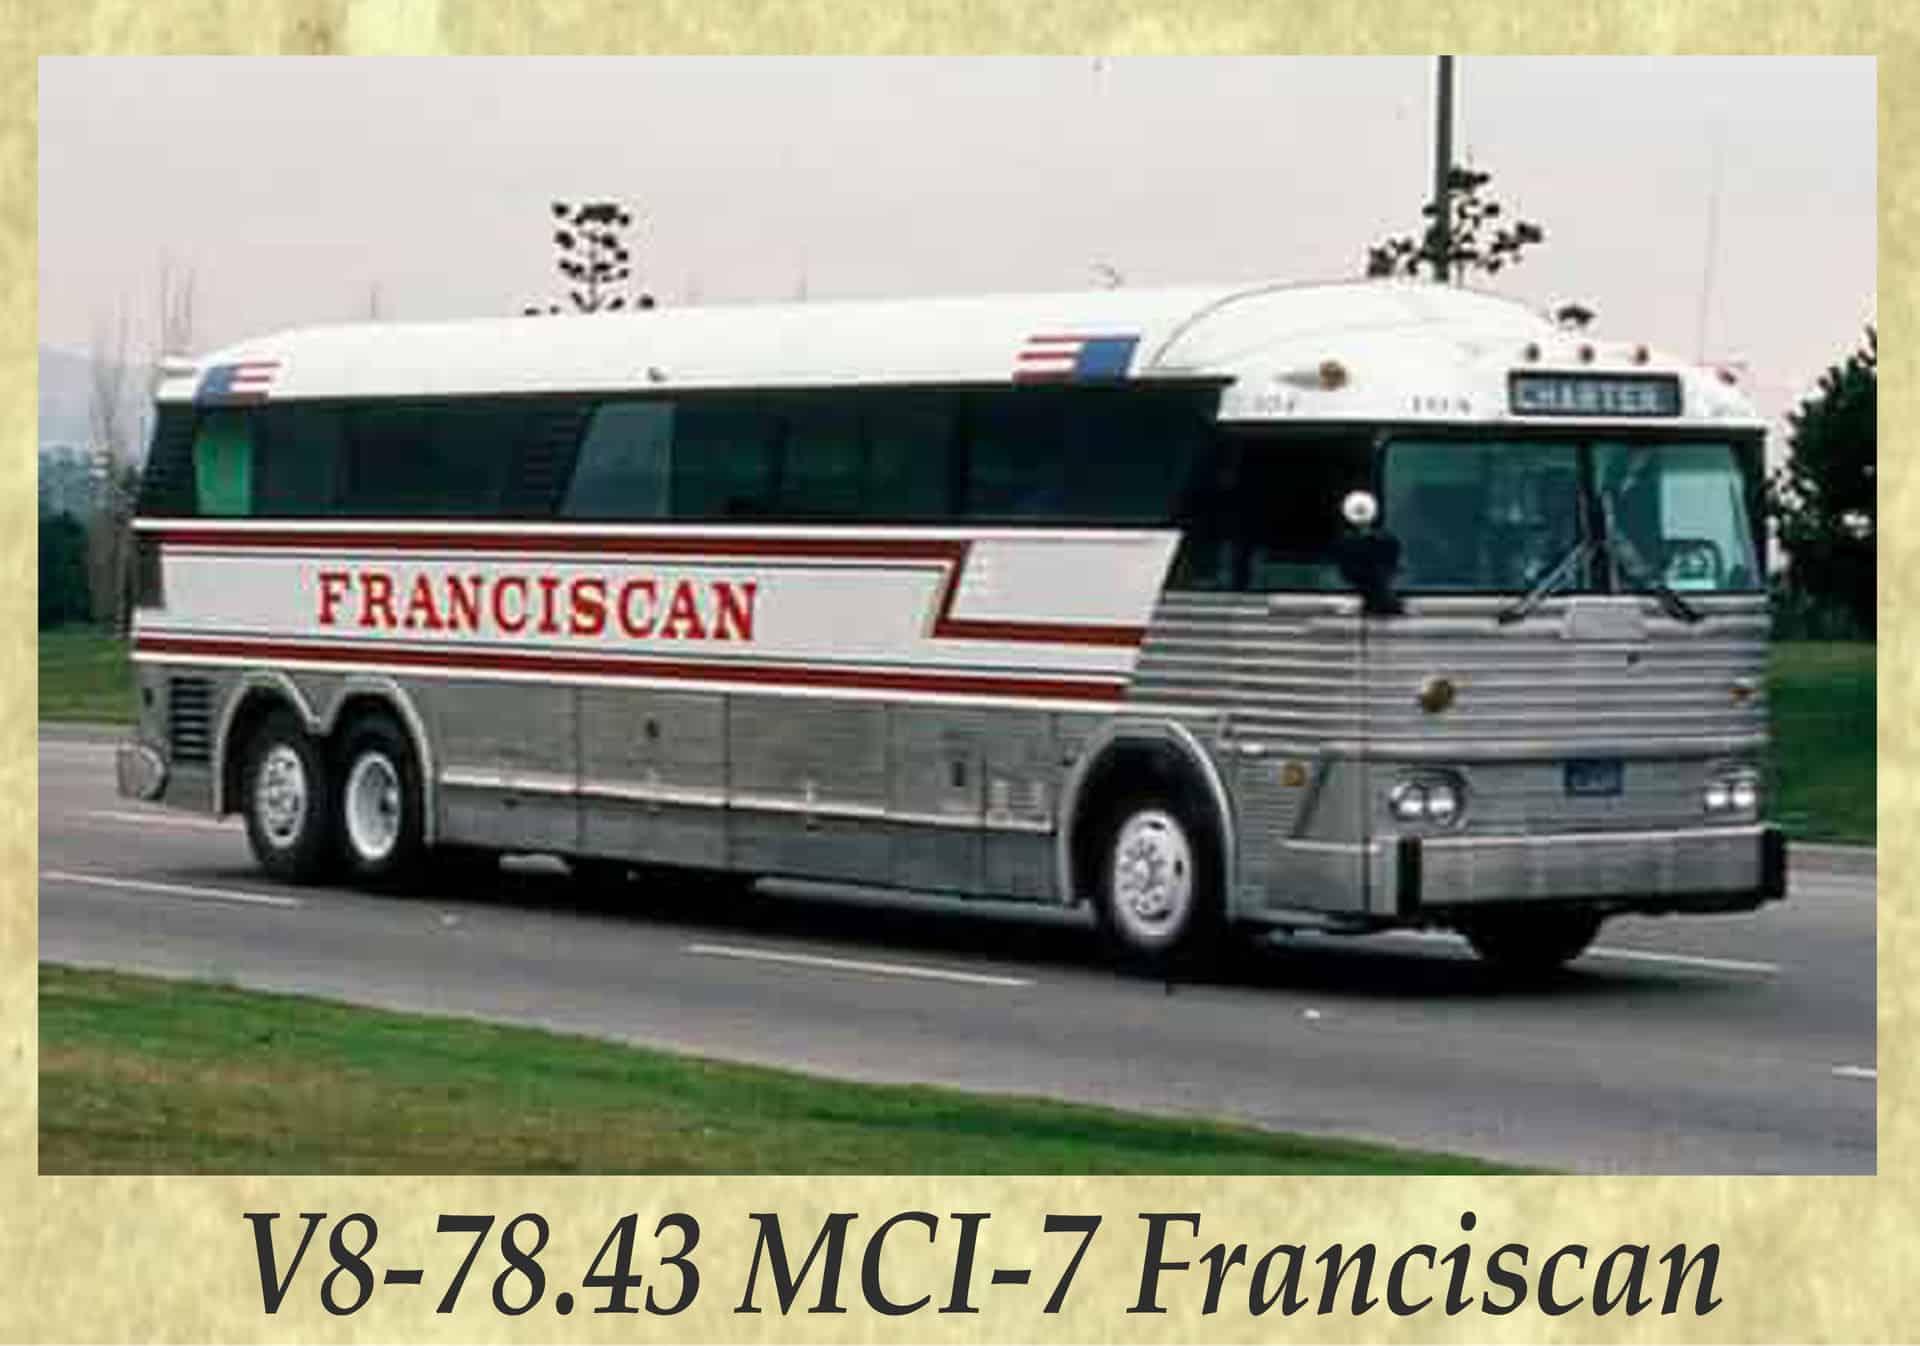 V8-78.43 MCI-7 Franciscan